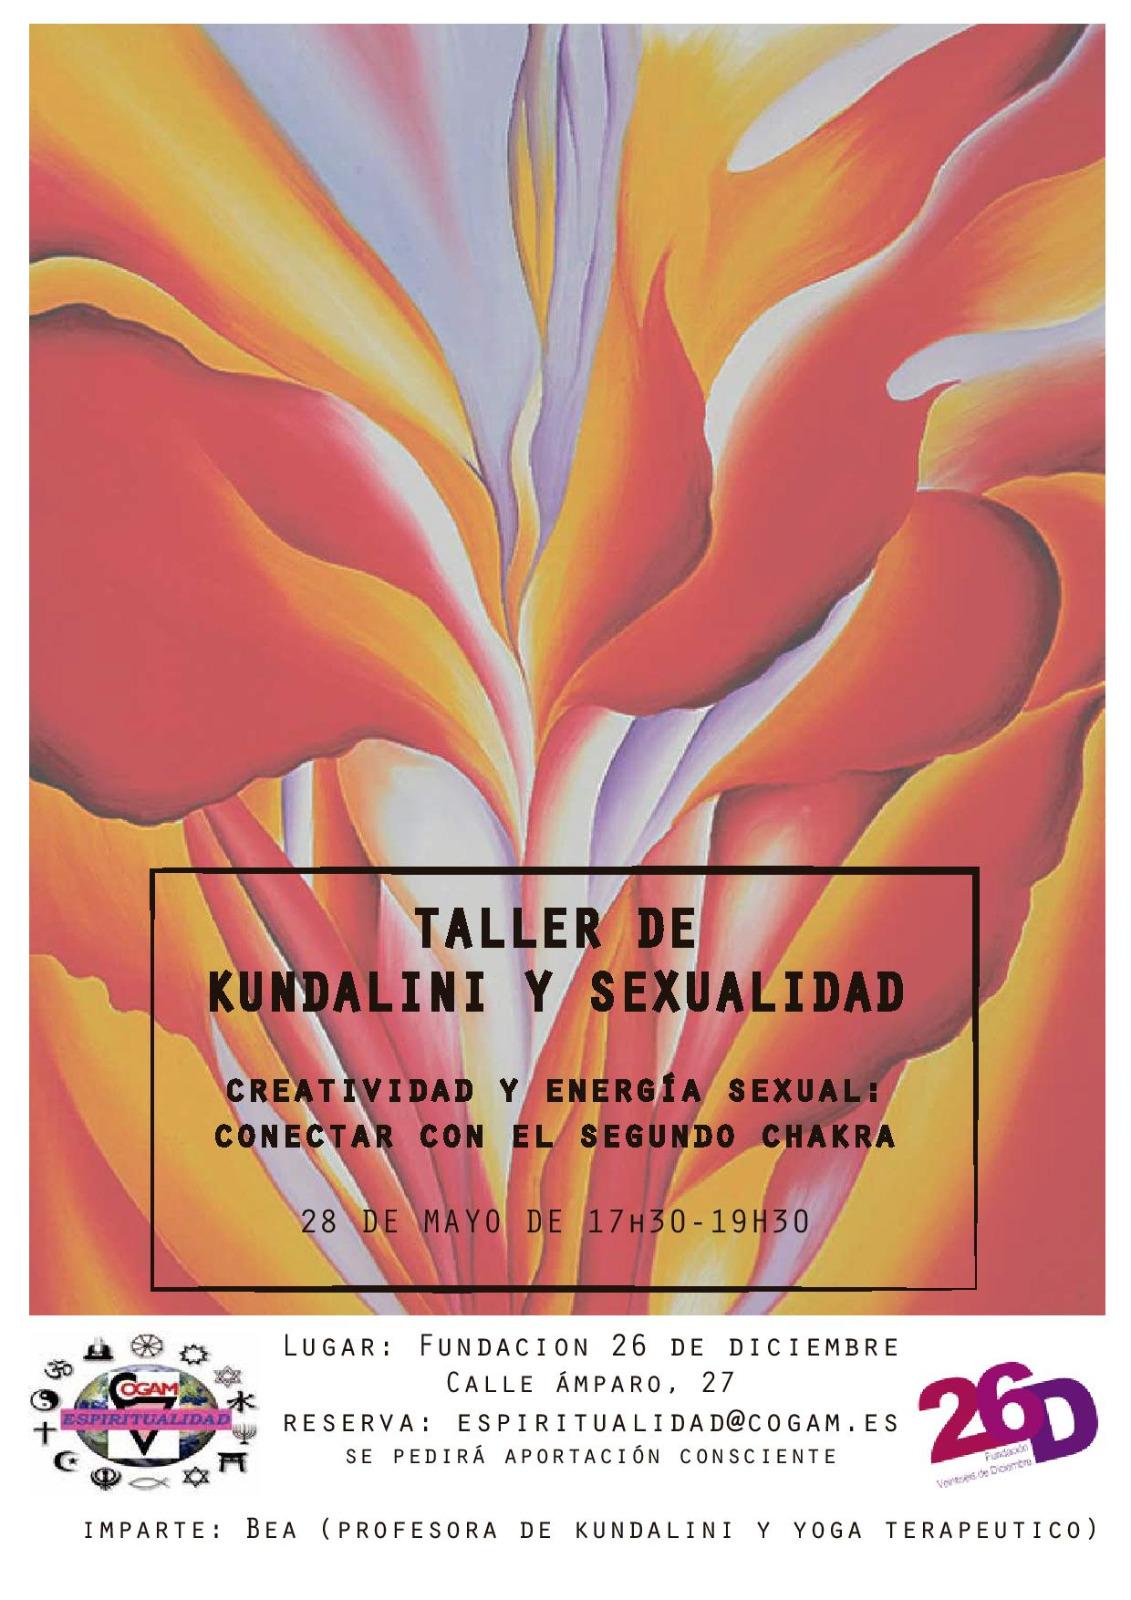 Taller de Kundalini y Sexualidad @ Fundación 26 de Diciembre